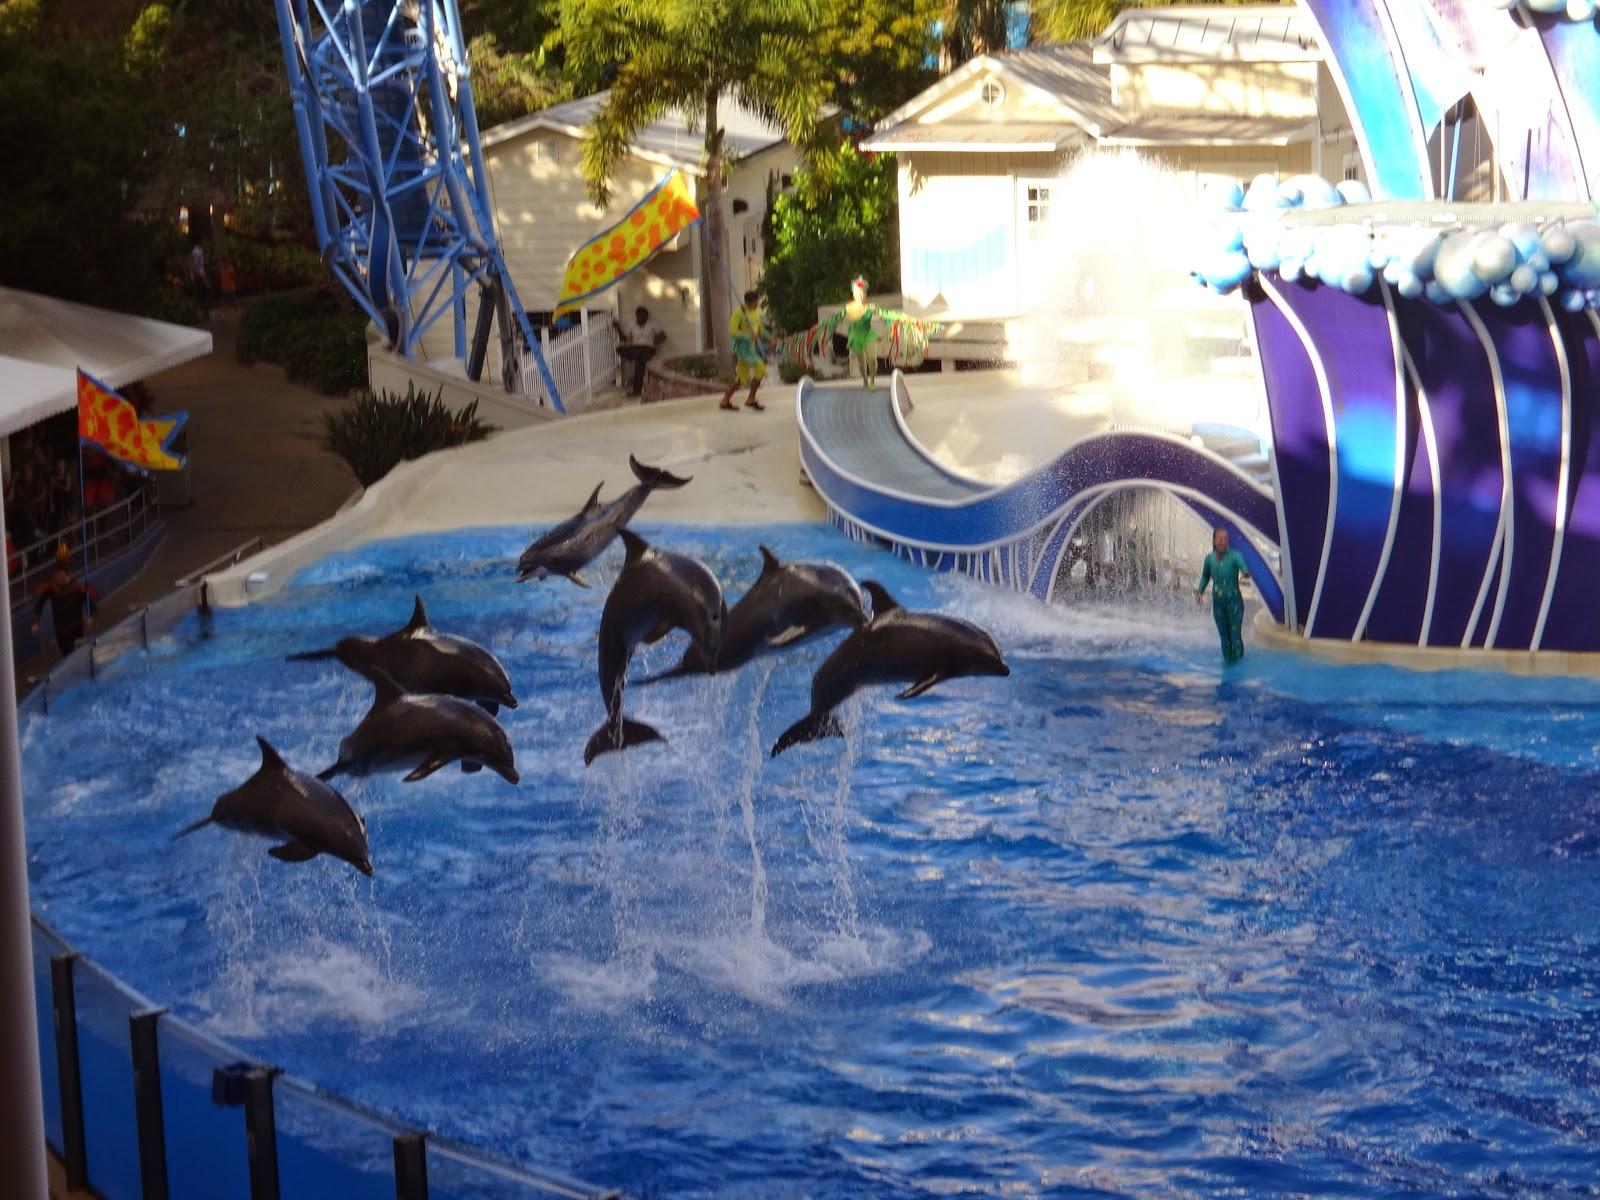 focas - blue horizons - parque sea world - orlando, florida